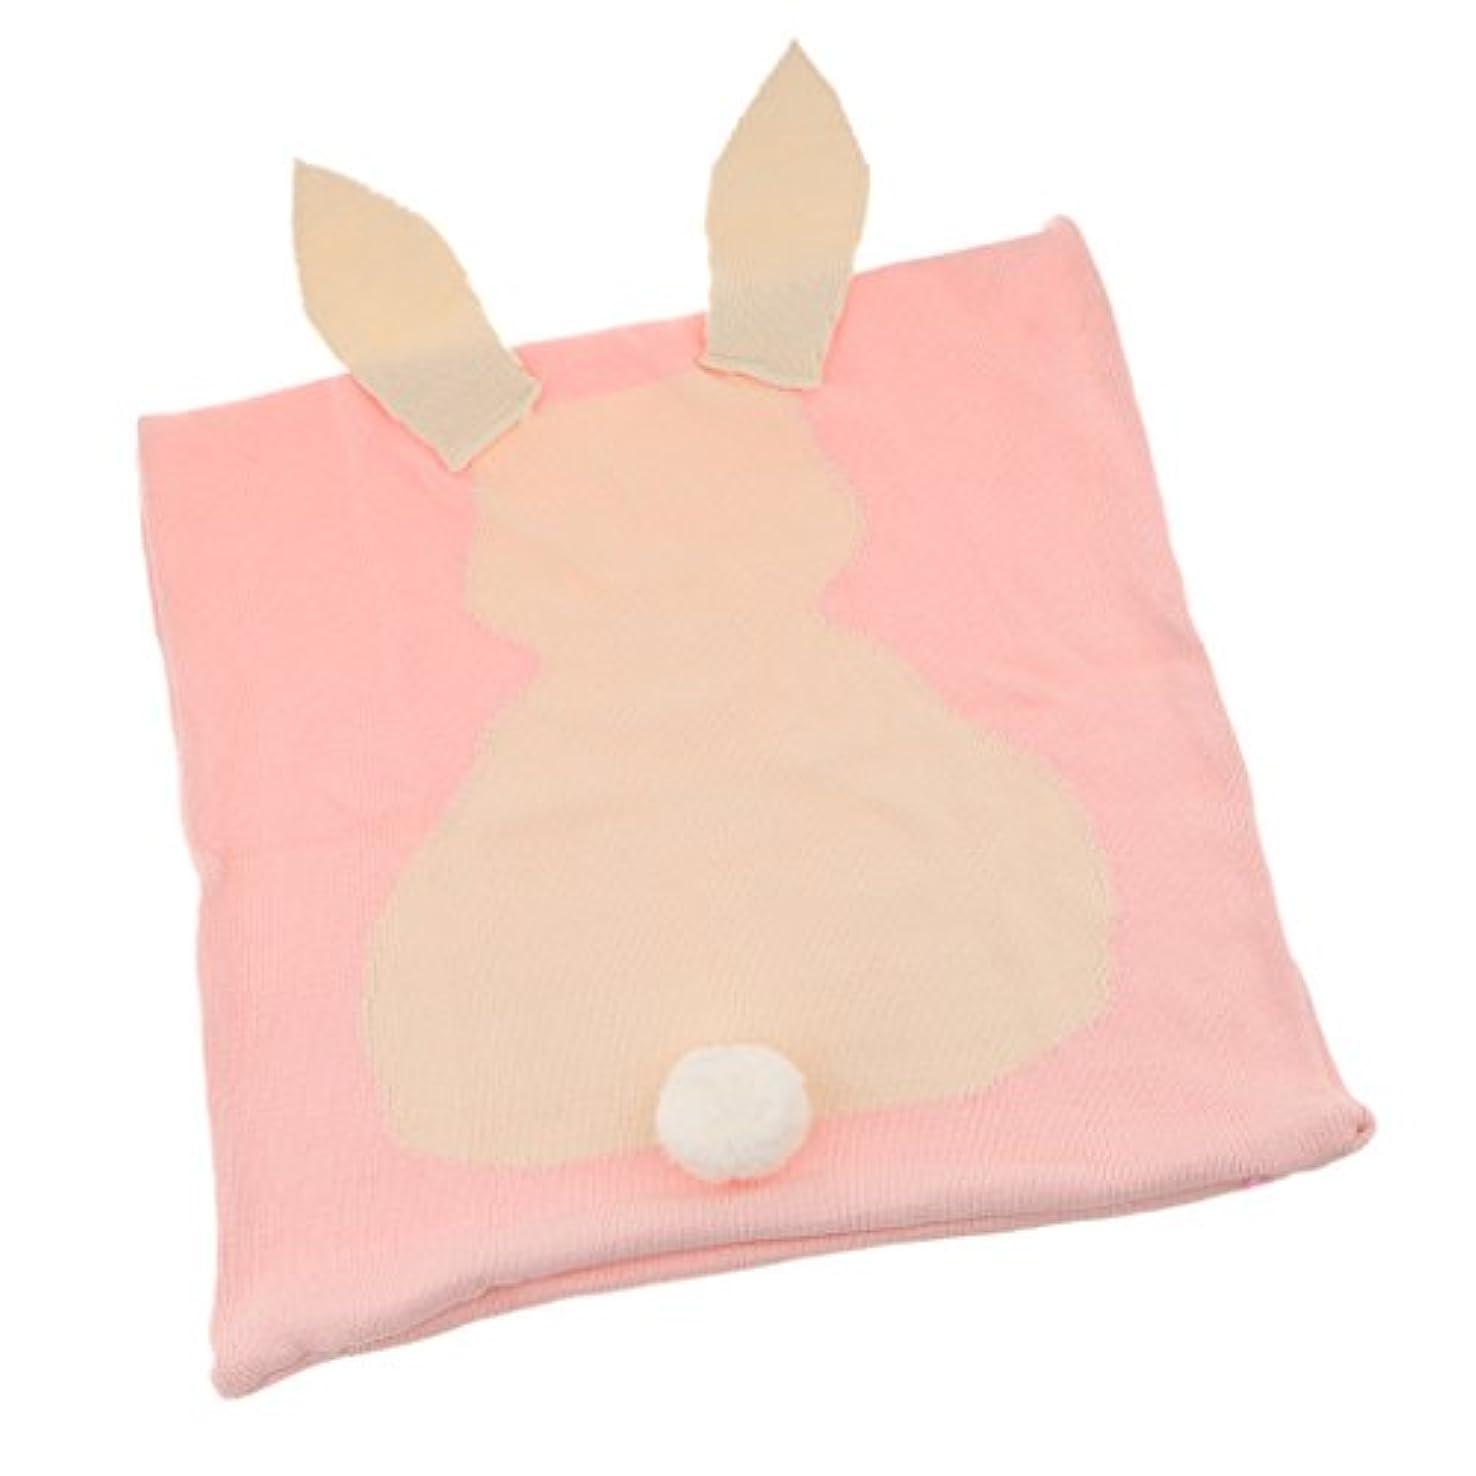 カトリック教徒チャーミング百万綿 ニット 癒し ウサギ ピローケース ソファ ベッド クッション カバー 枕カバー - ピンク